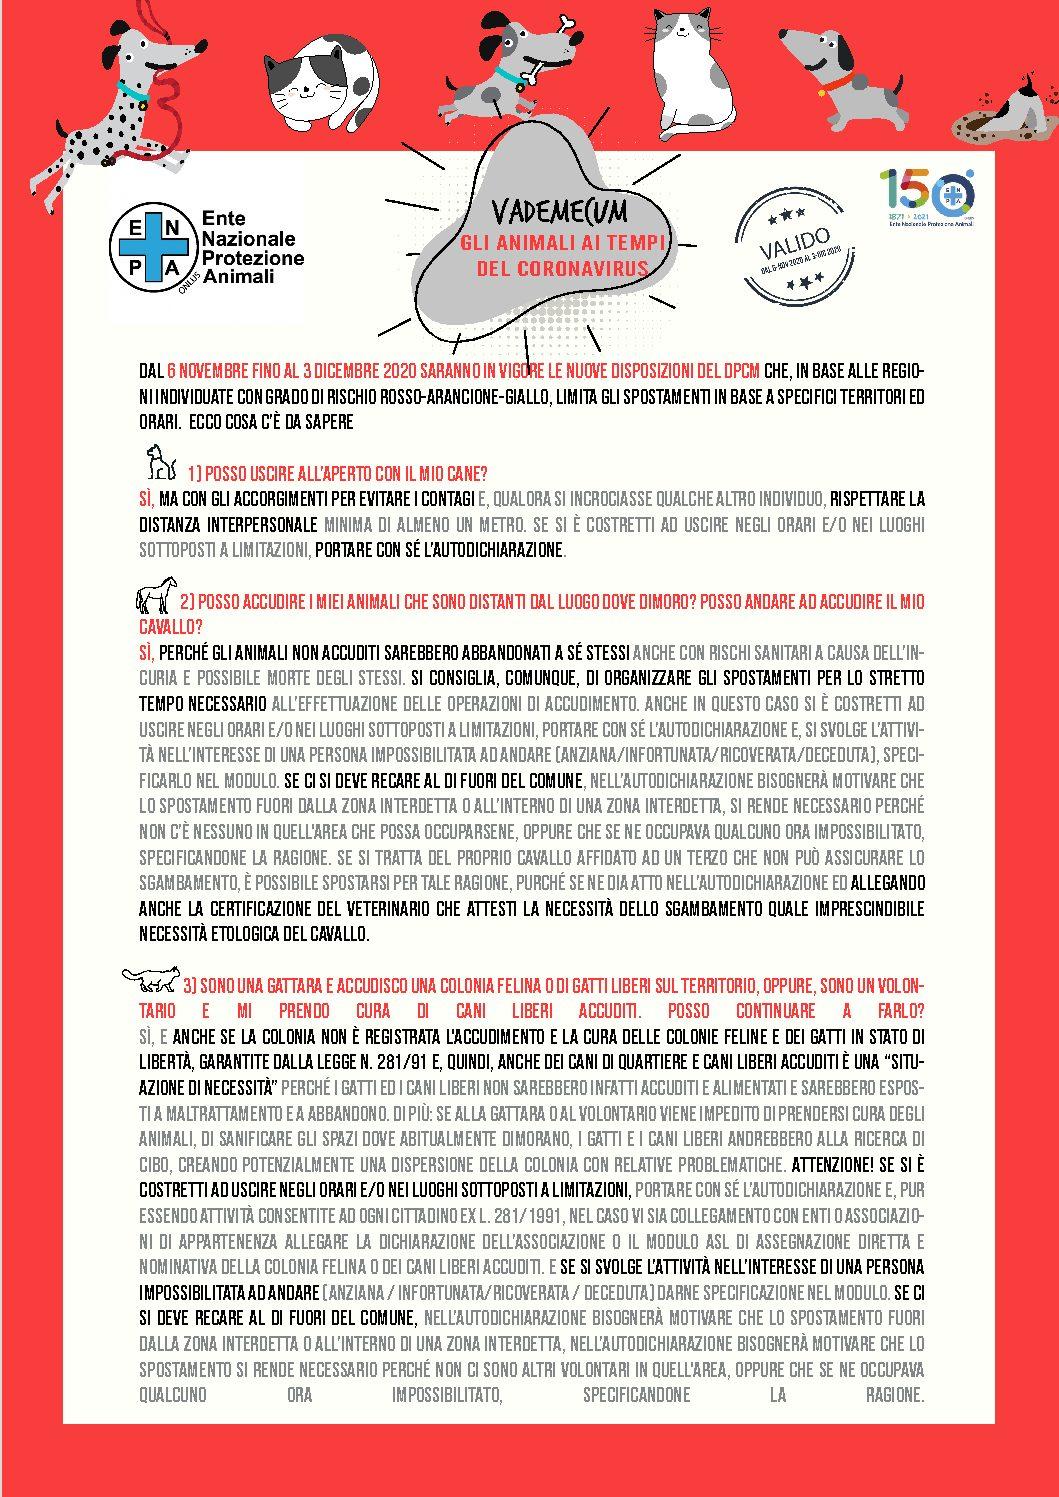 Cosa Cambia Con Il Nuovo Dpcm Per La Cura Degli Animali Ecco Il Vademecum Aggiornato Dell Enpa Enpa Vicenza